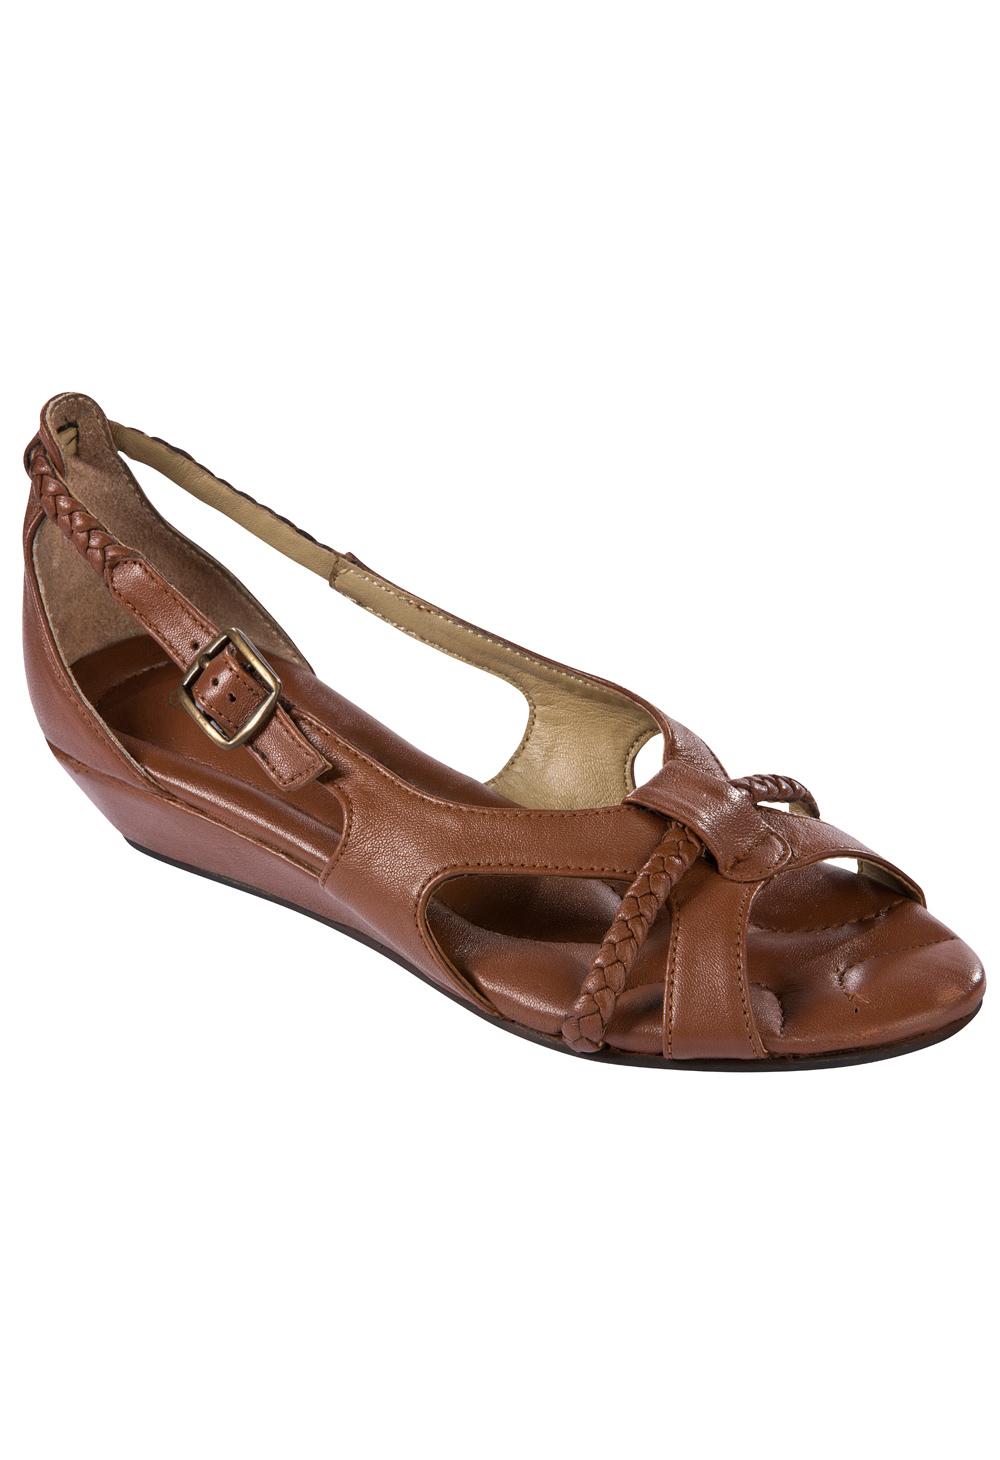 Sandales compensées chez Bleu Bonheur Sandales compensées. Ravissantes et  confortables ! Dessus, première sur mousse et doublure en cuir. e35360224954